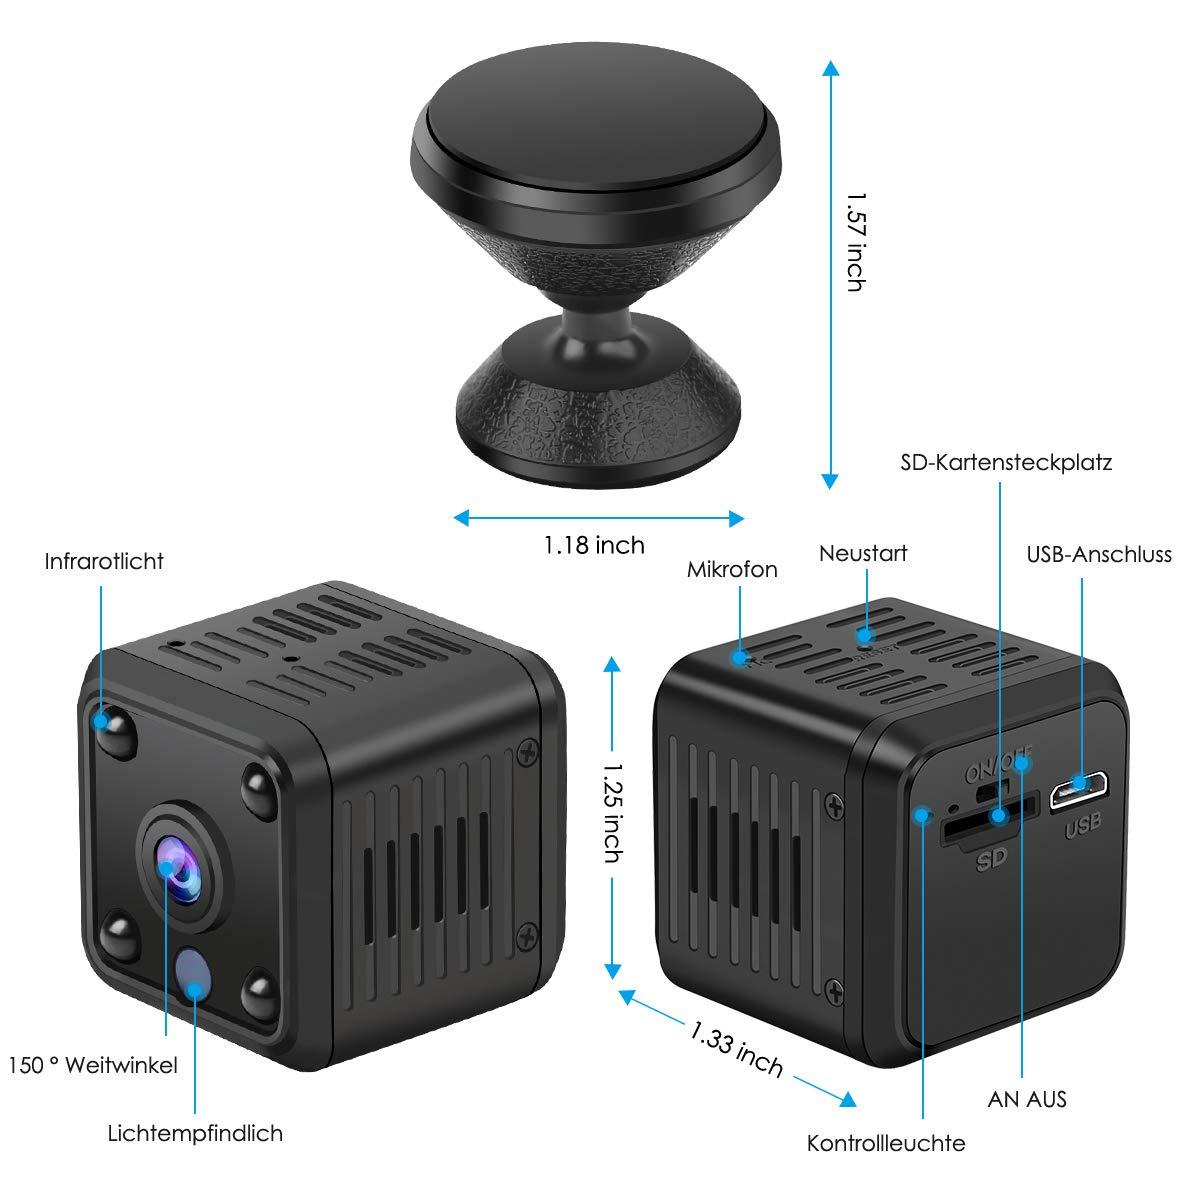 Micro WiFi Nanny CAM con detecci/ón de Movimiento y aplicaci/ón de visi/ón Nocturna Mando a Distancia port/átil Ultra compacta IP c/ámara Mini c/ámara HD 1080P WiFi Wireless peque/ña c/ámara de vigilancia